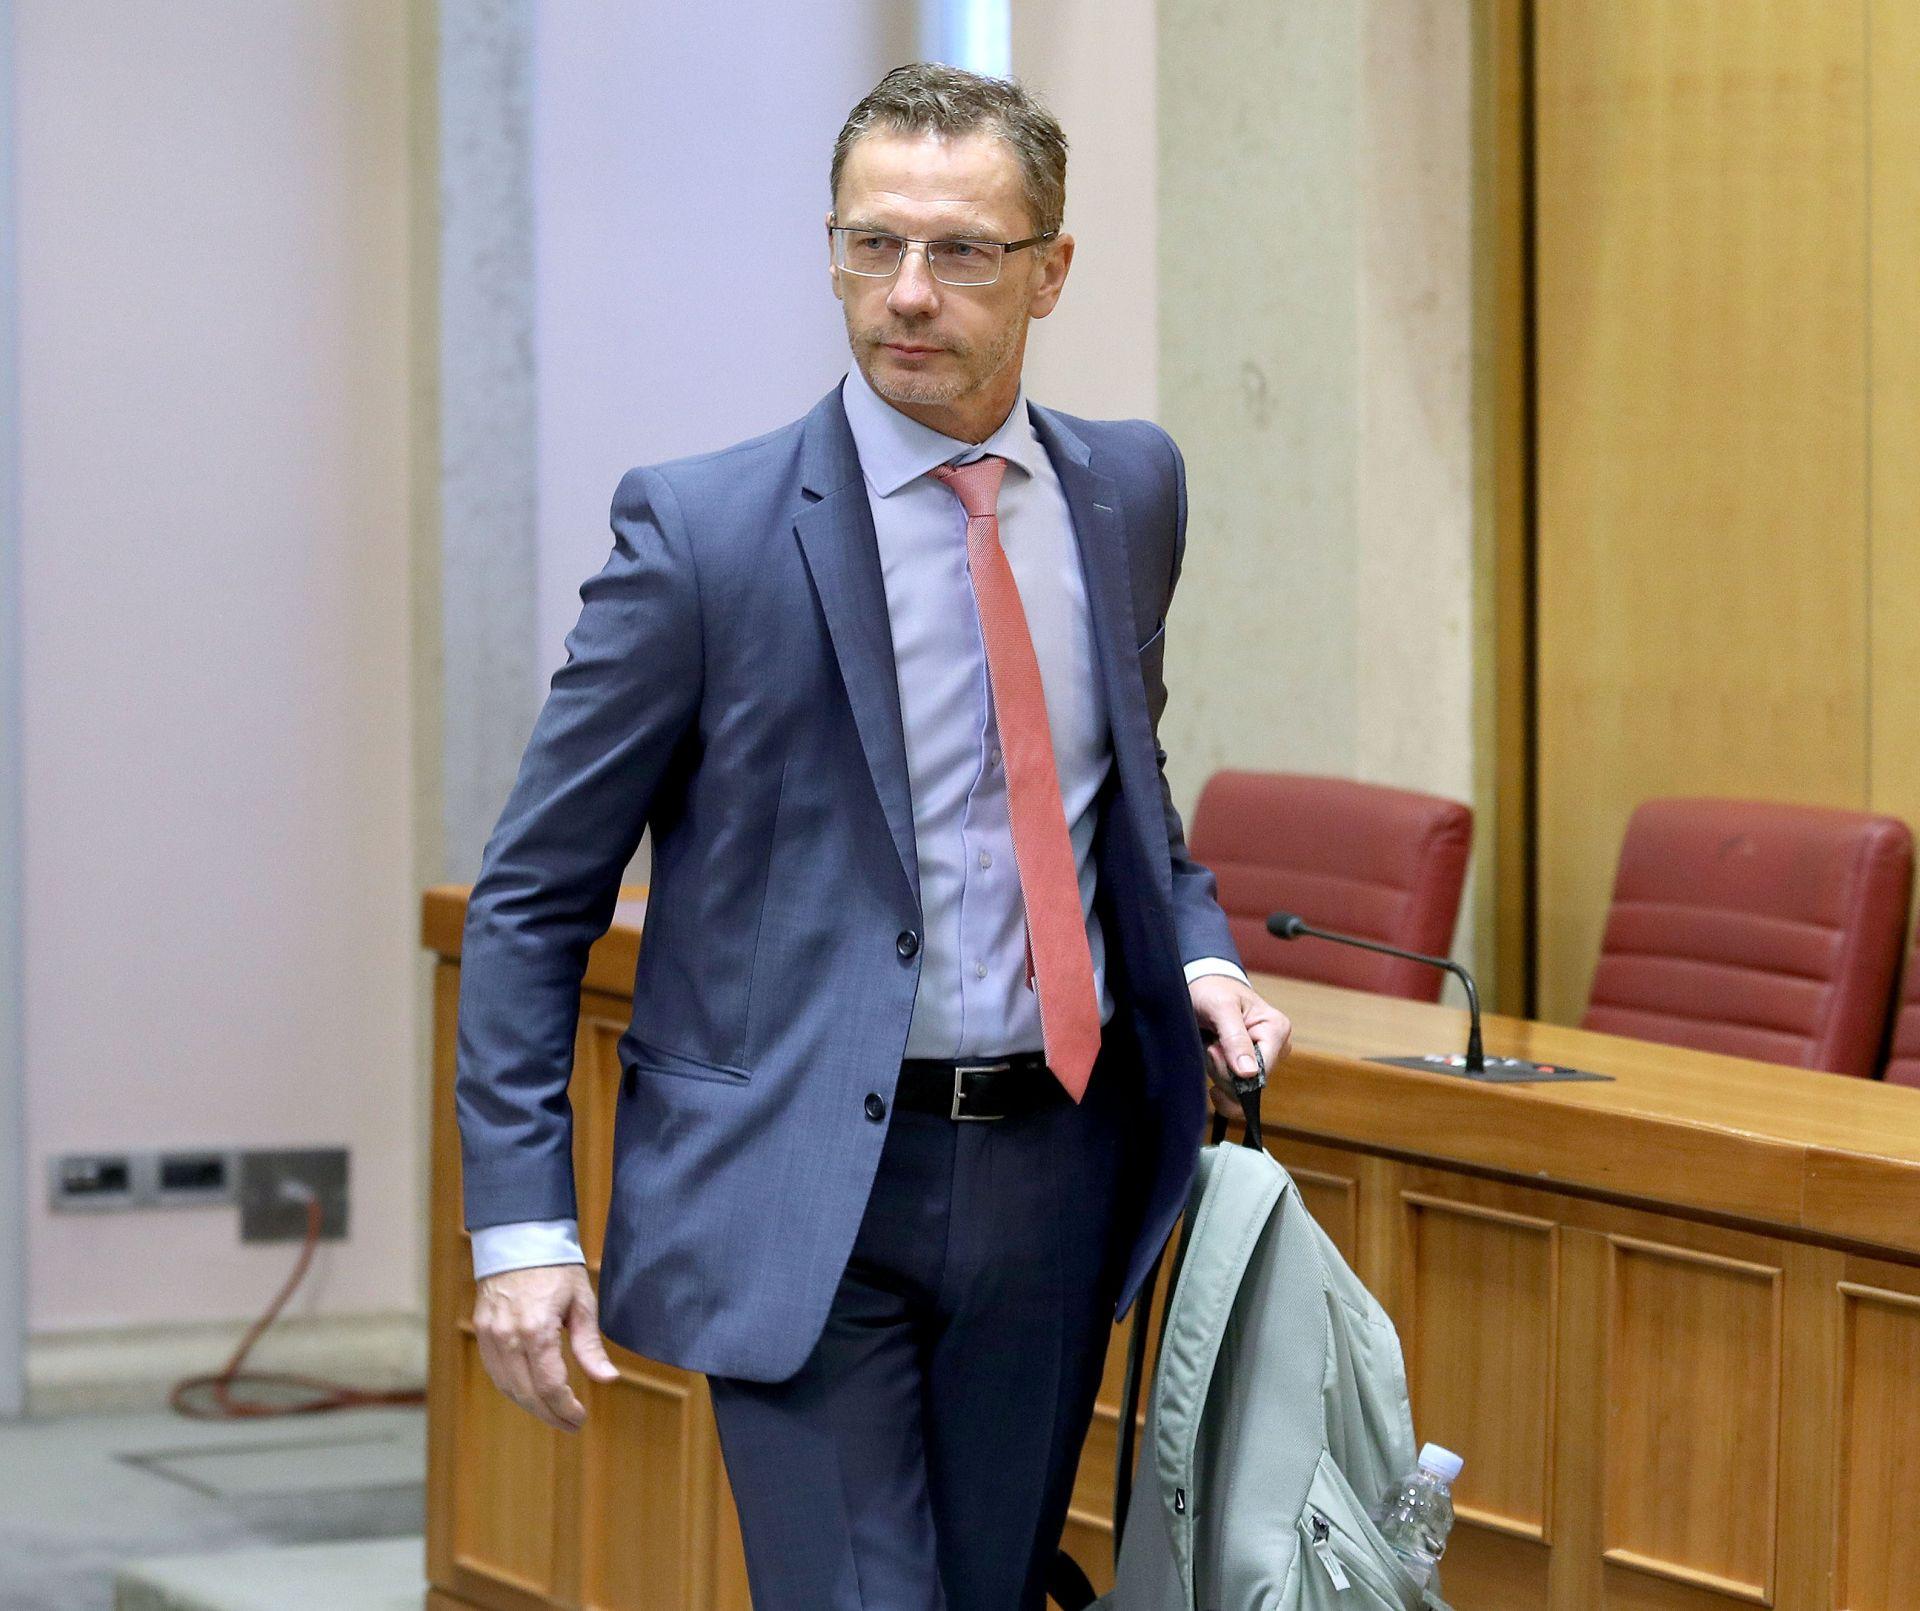 ODLUKA POVJERENSTVA: Pokrenut postupak protiv guvernera Vujčića